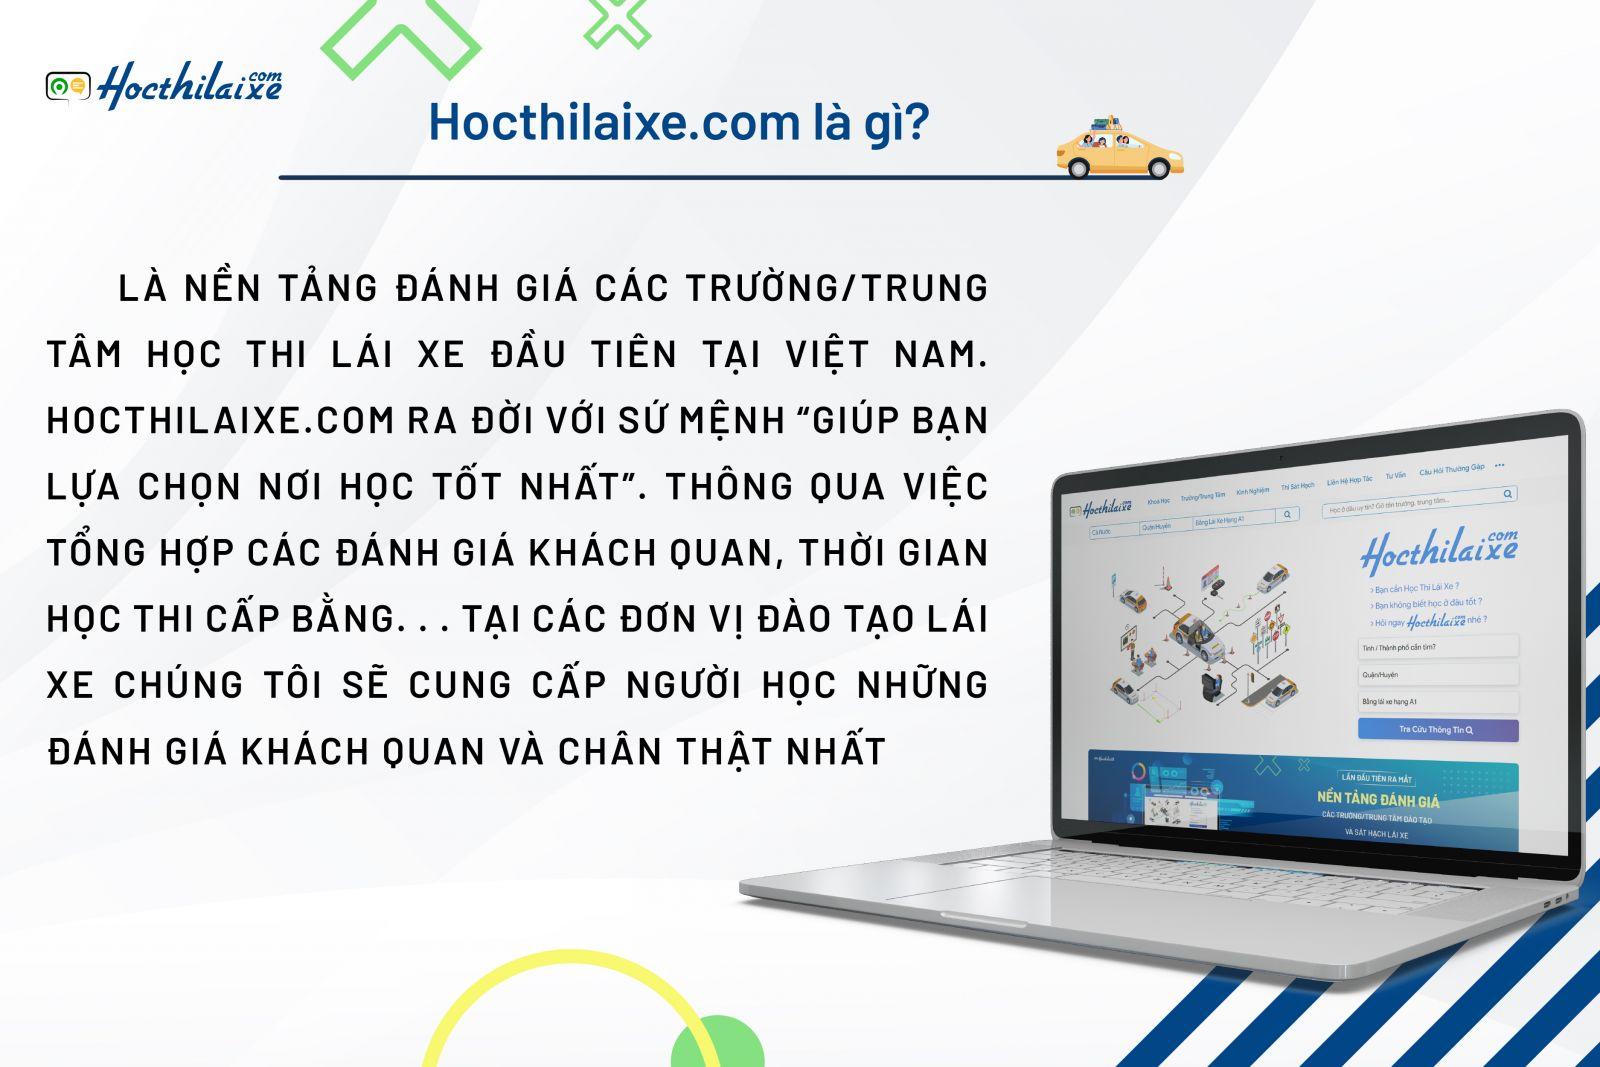 Hocthilaixe.com là gì?